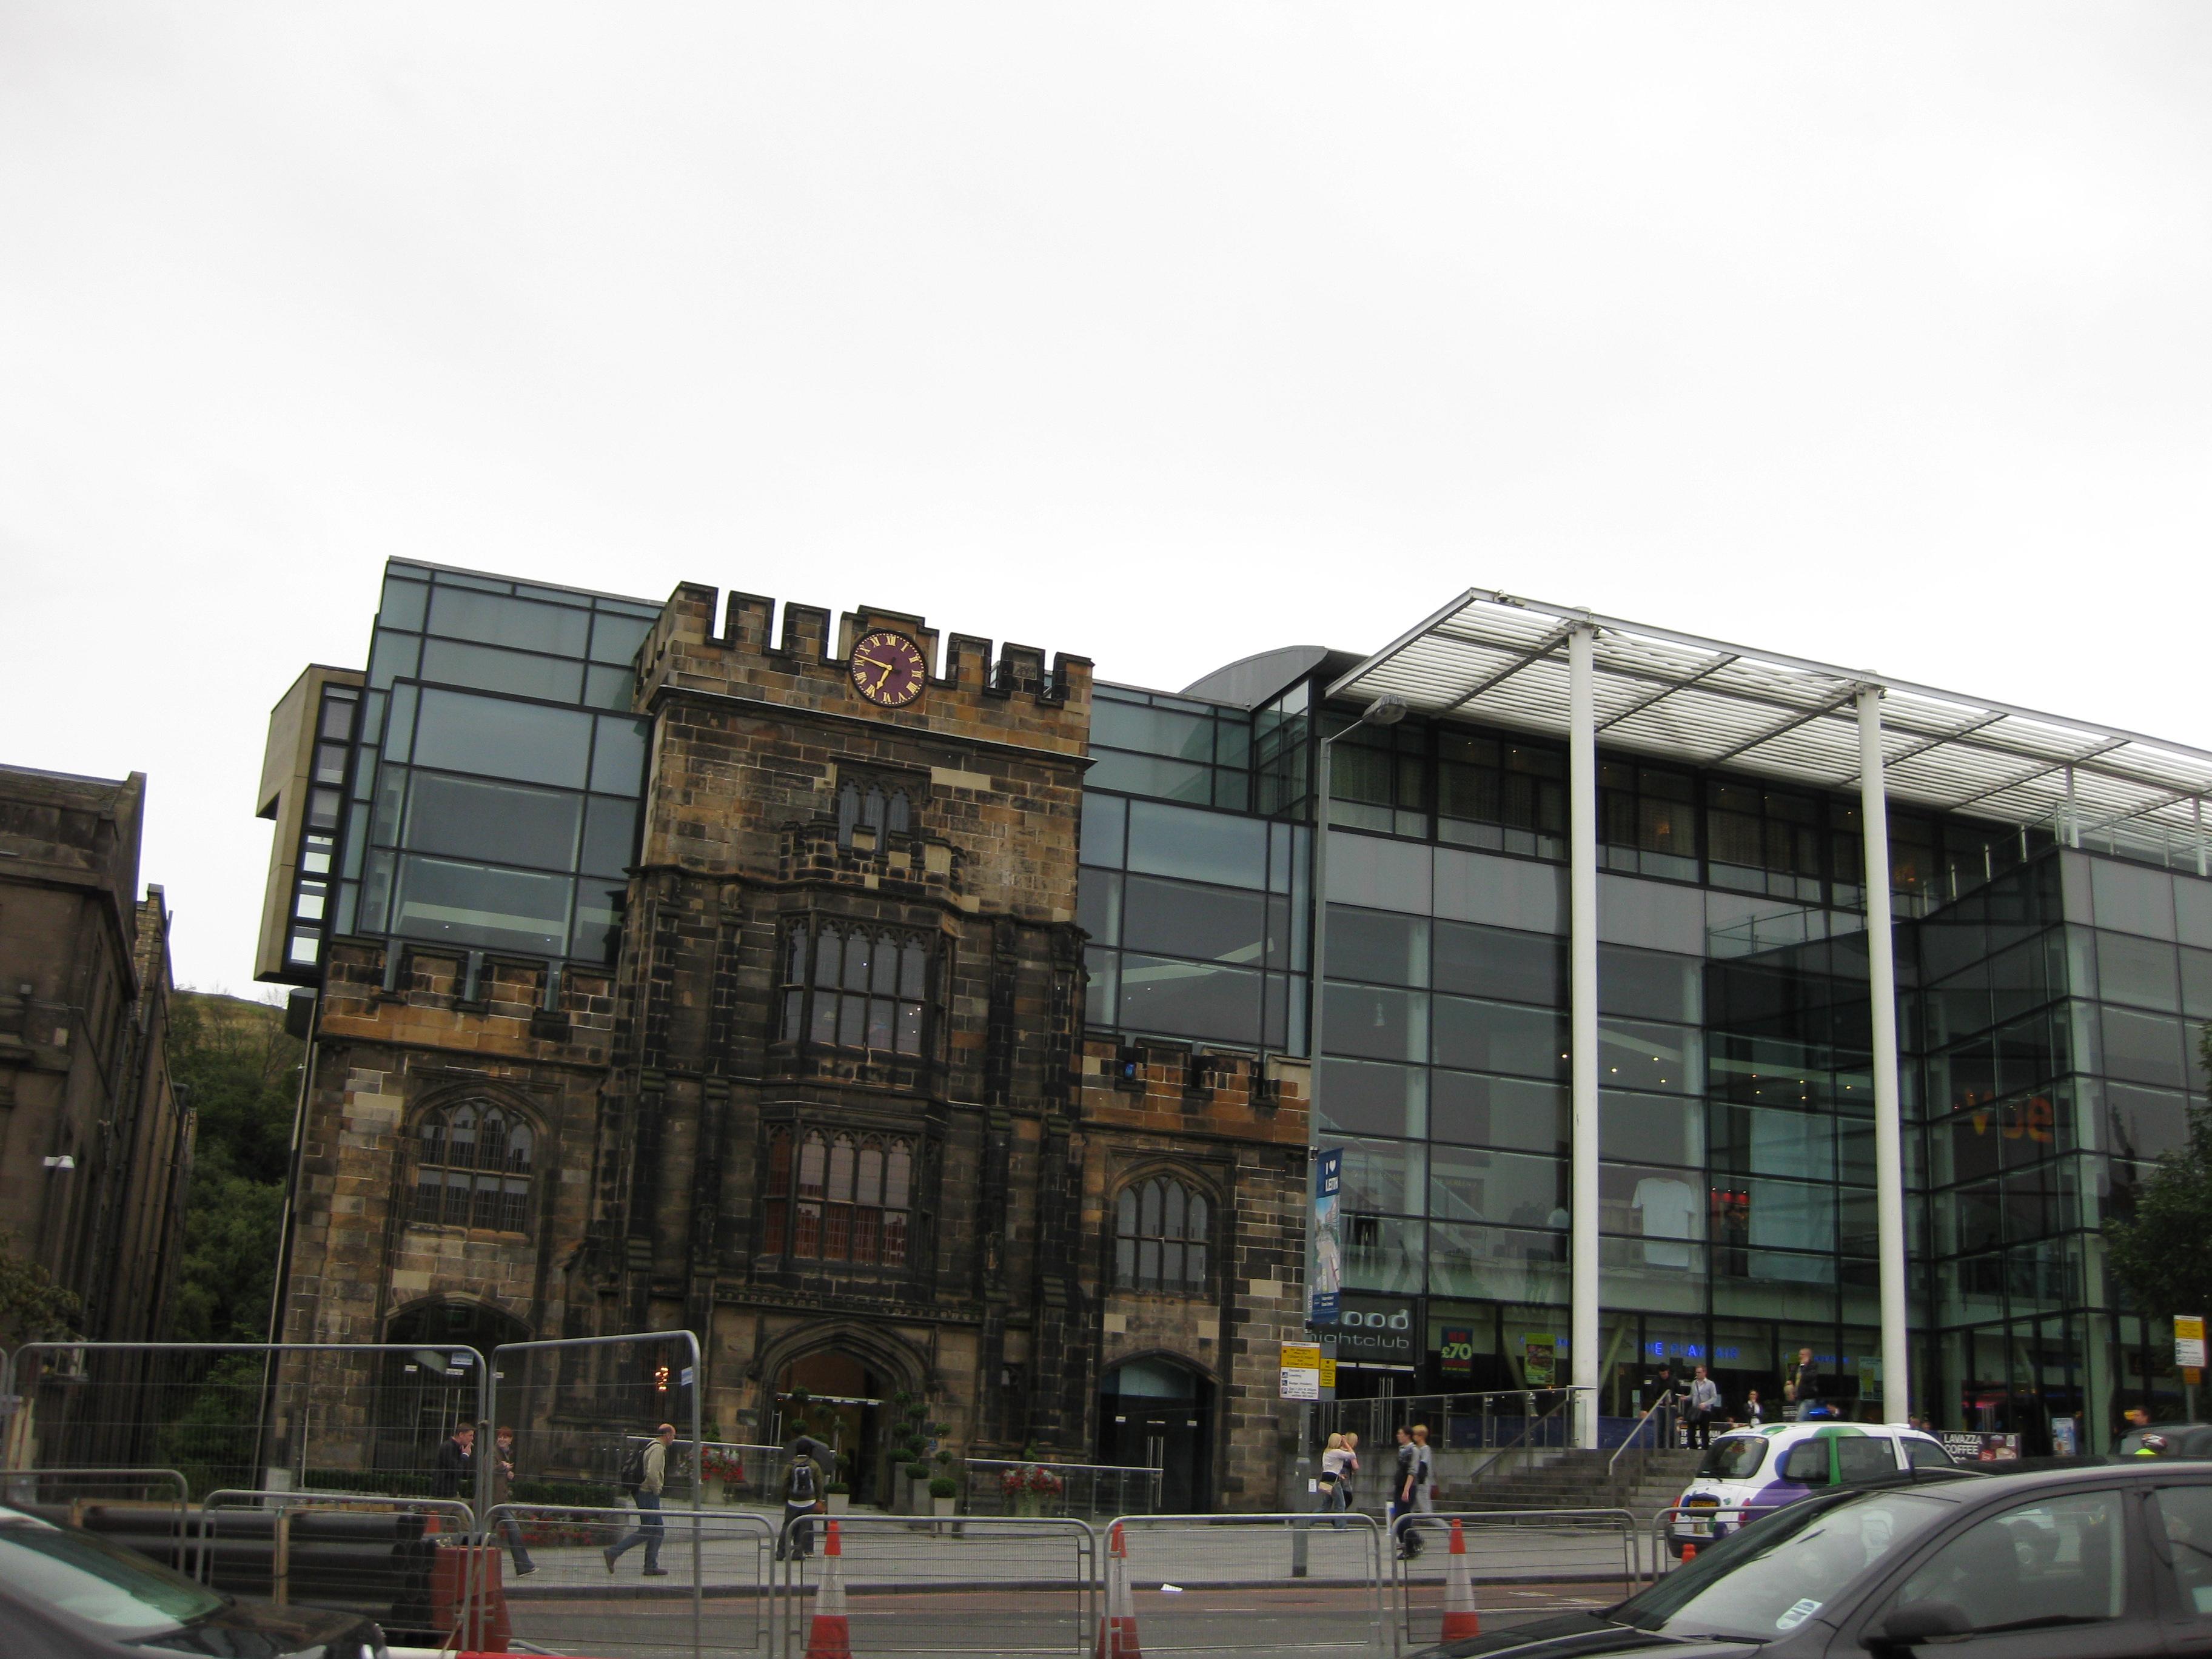 Church Hotel in Edinburgh